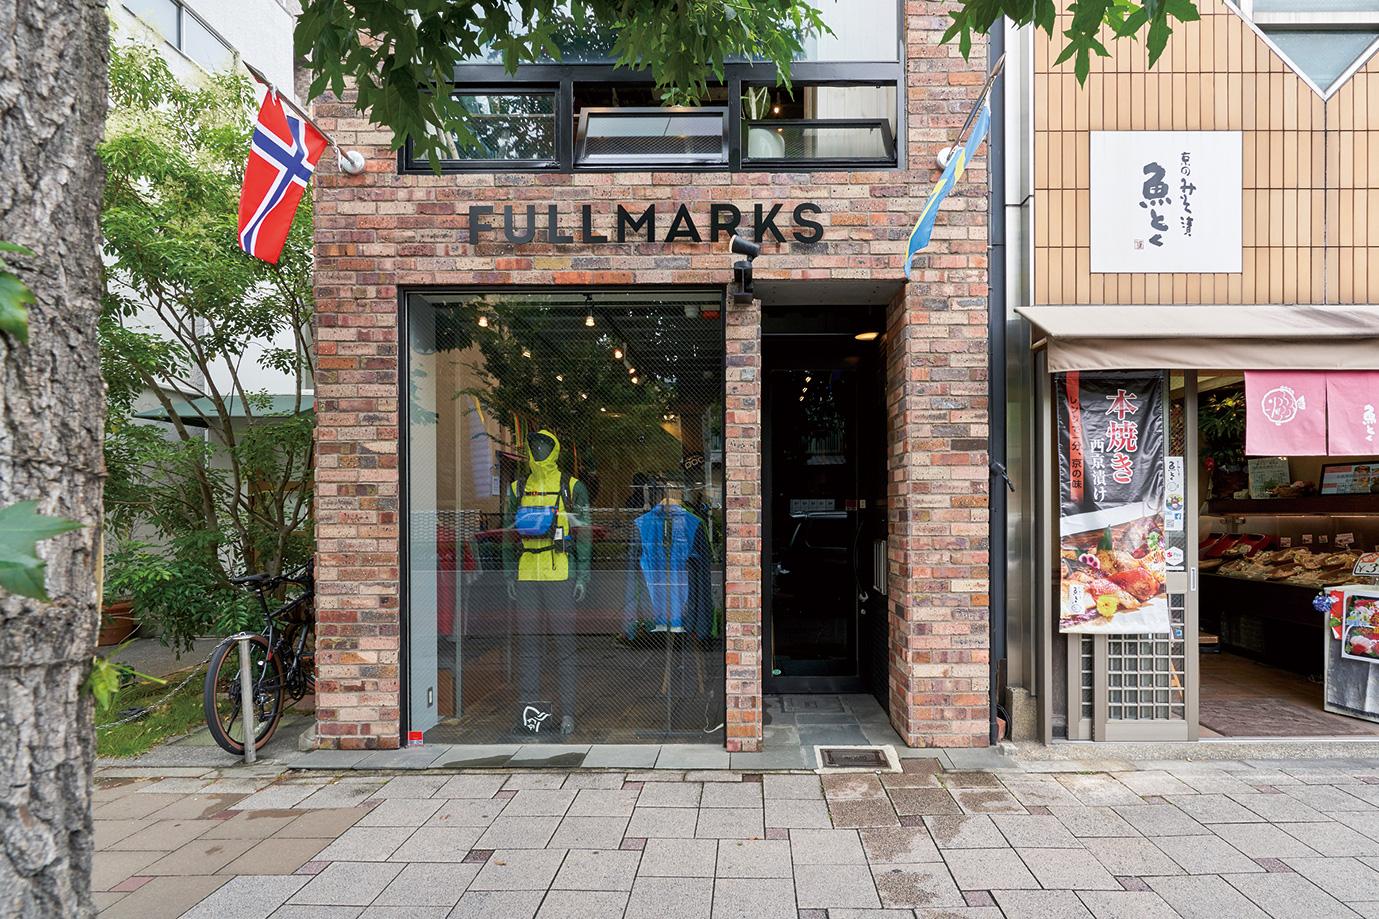 FULLMARKS 京都店